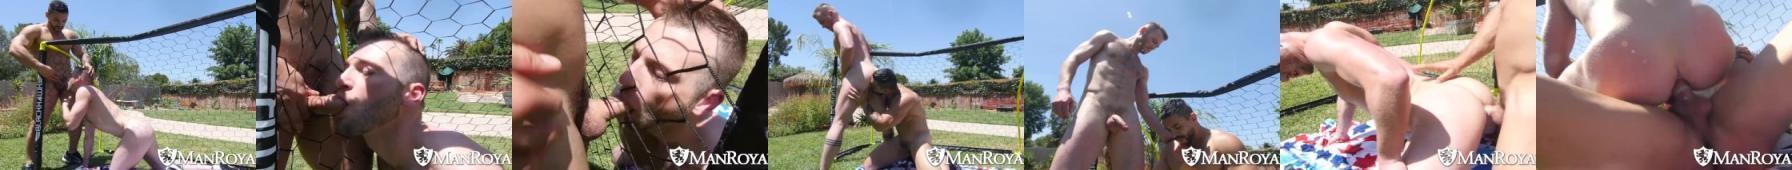 Latem gaye dają dupy w ogródku